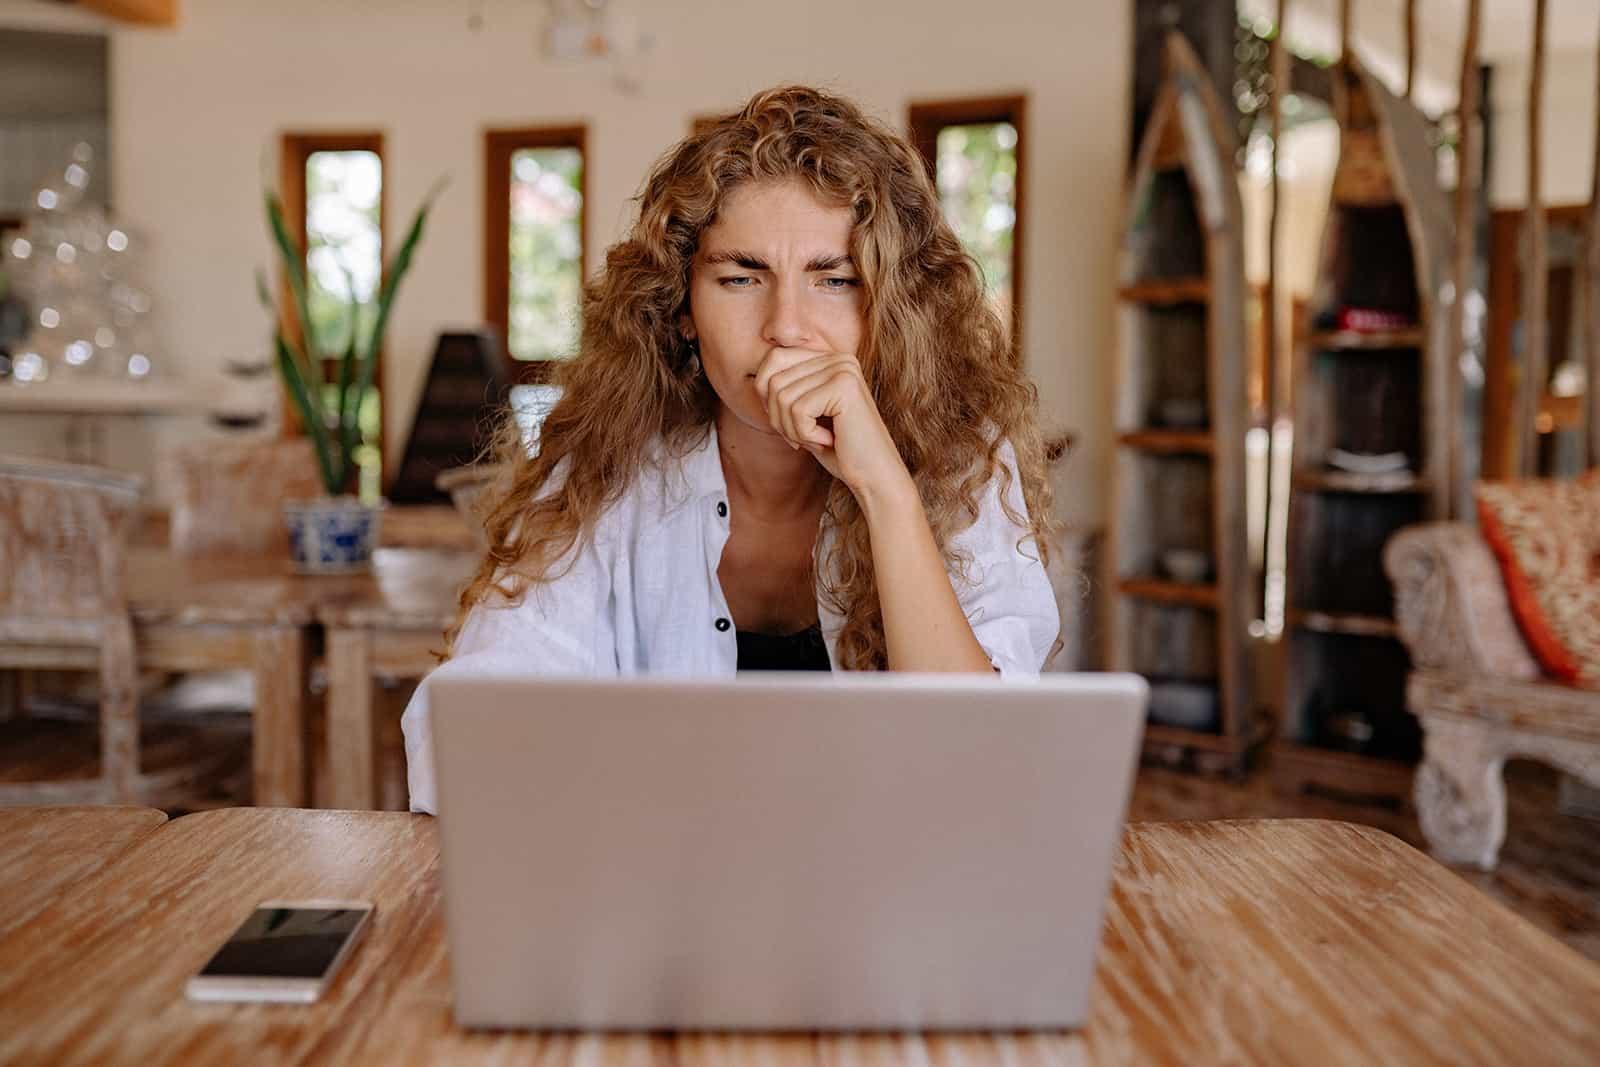 eine nachdenkliche Frau, die Laptop betrachtet, der zu Hause am Tisch sitzt